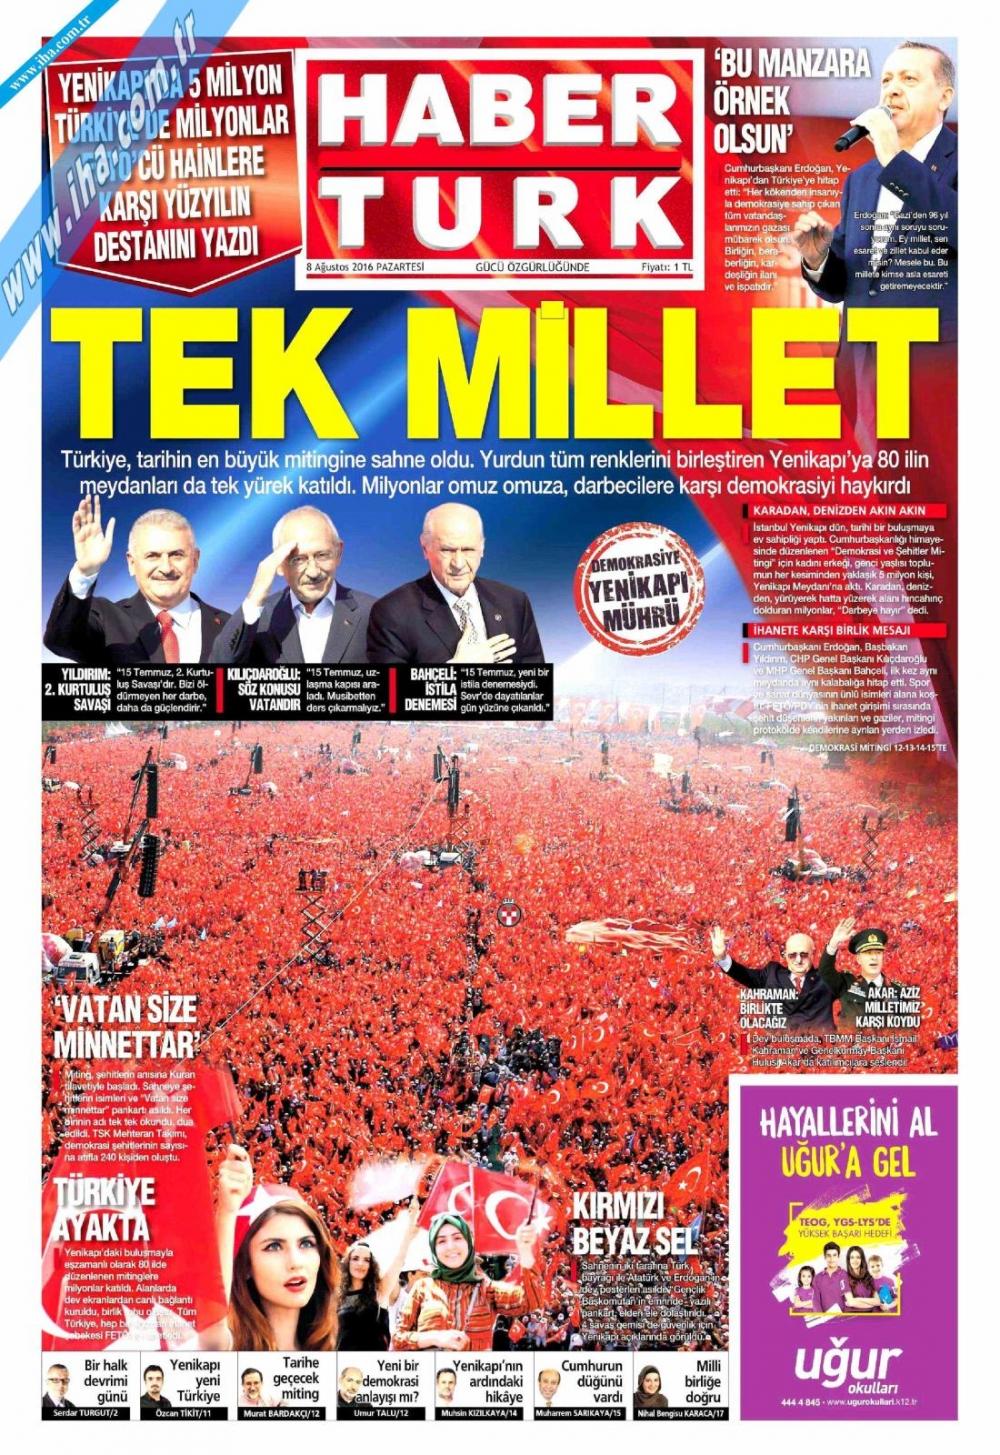 Gazeteler tarihi Yenikapı Mitingi'ni böyle gördü 6